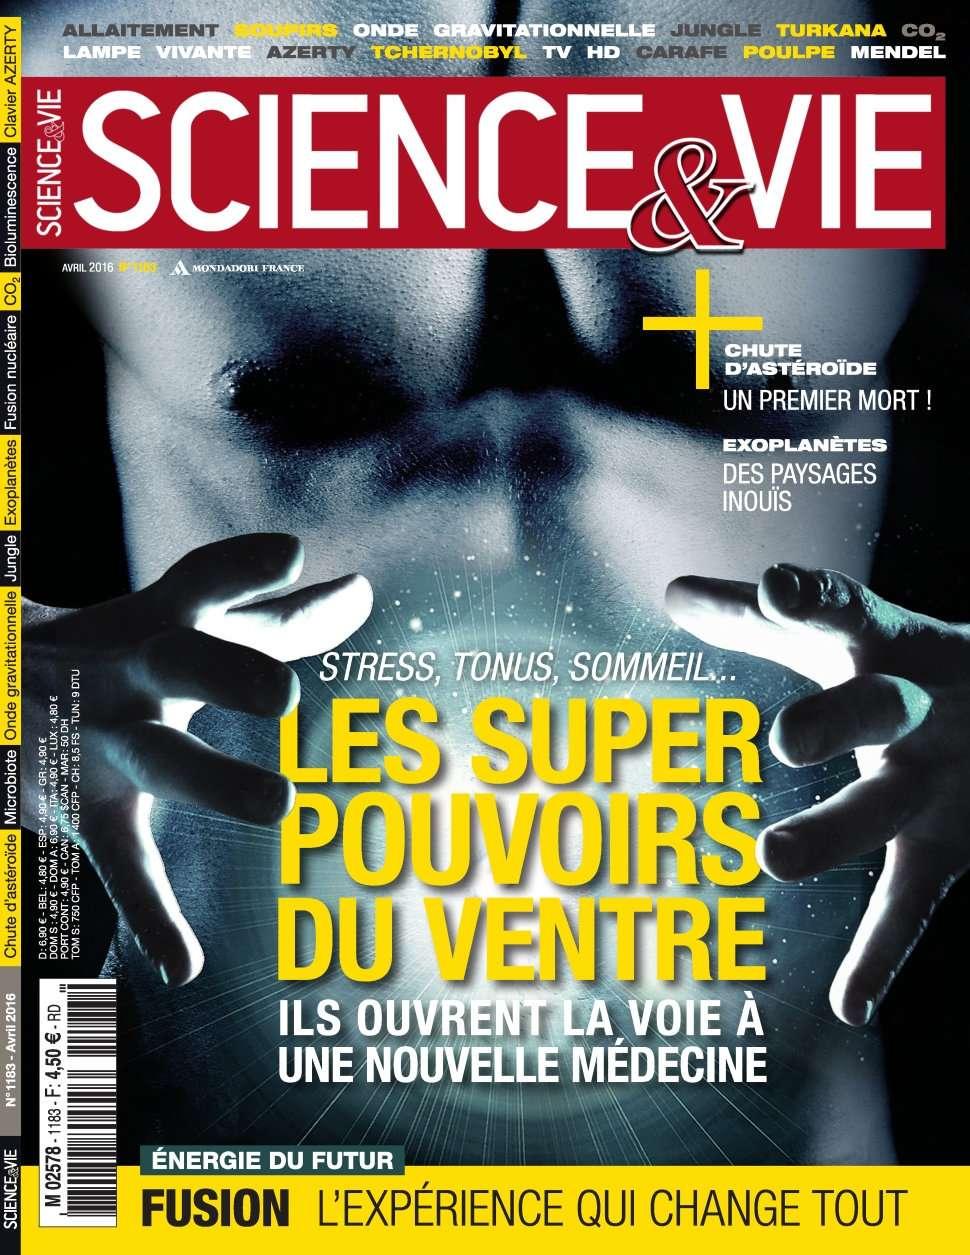 Science & Vie 1183 - Avril 2016